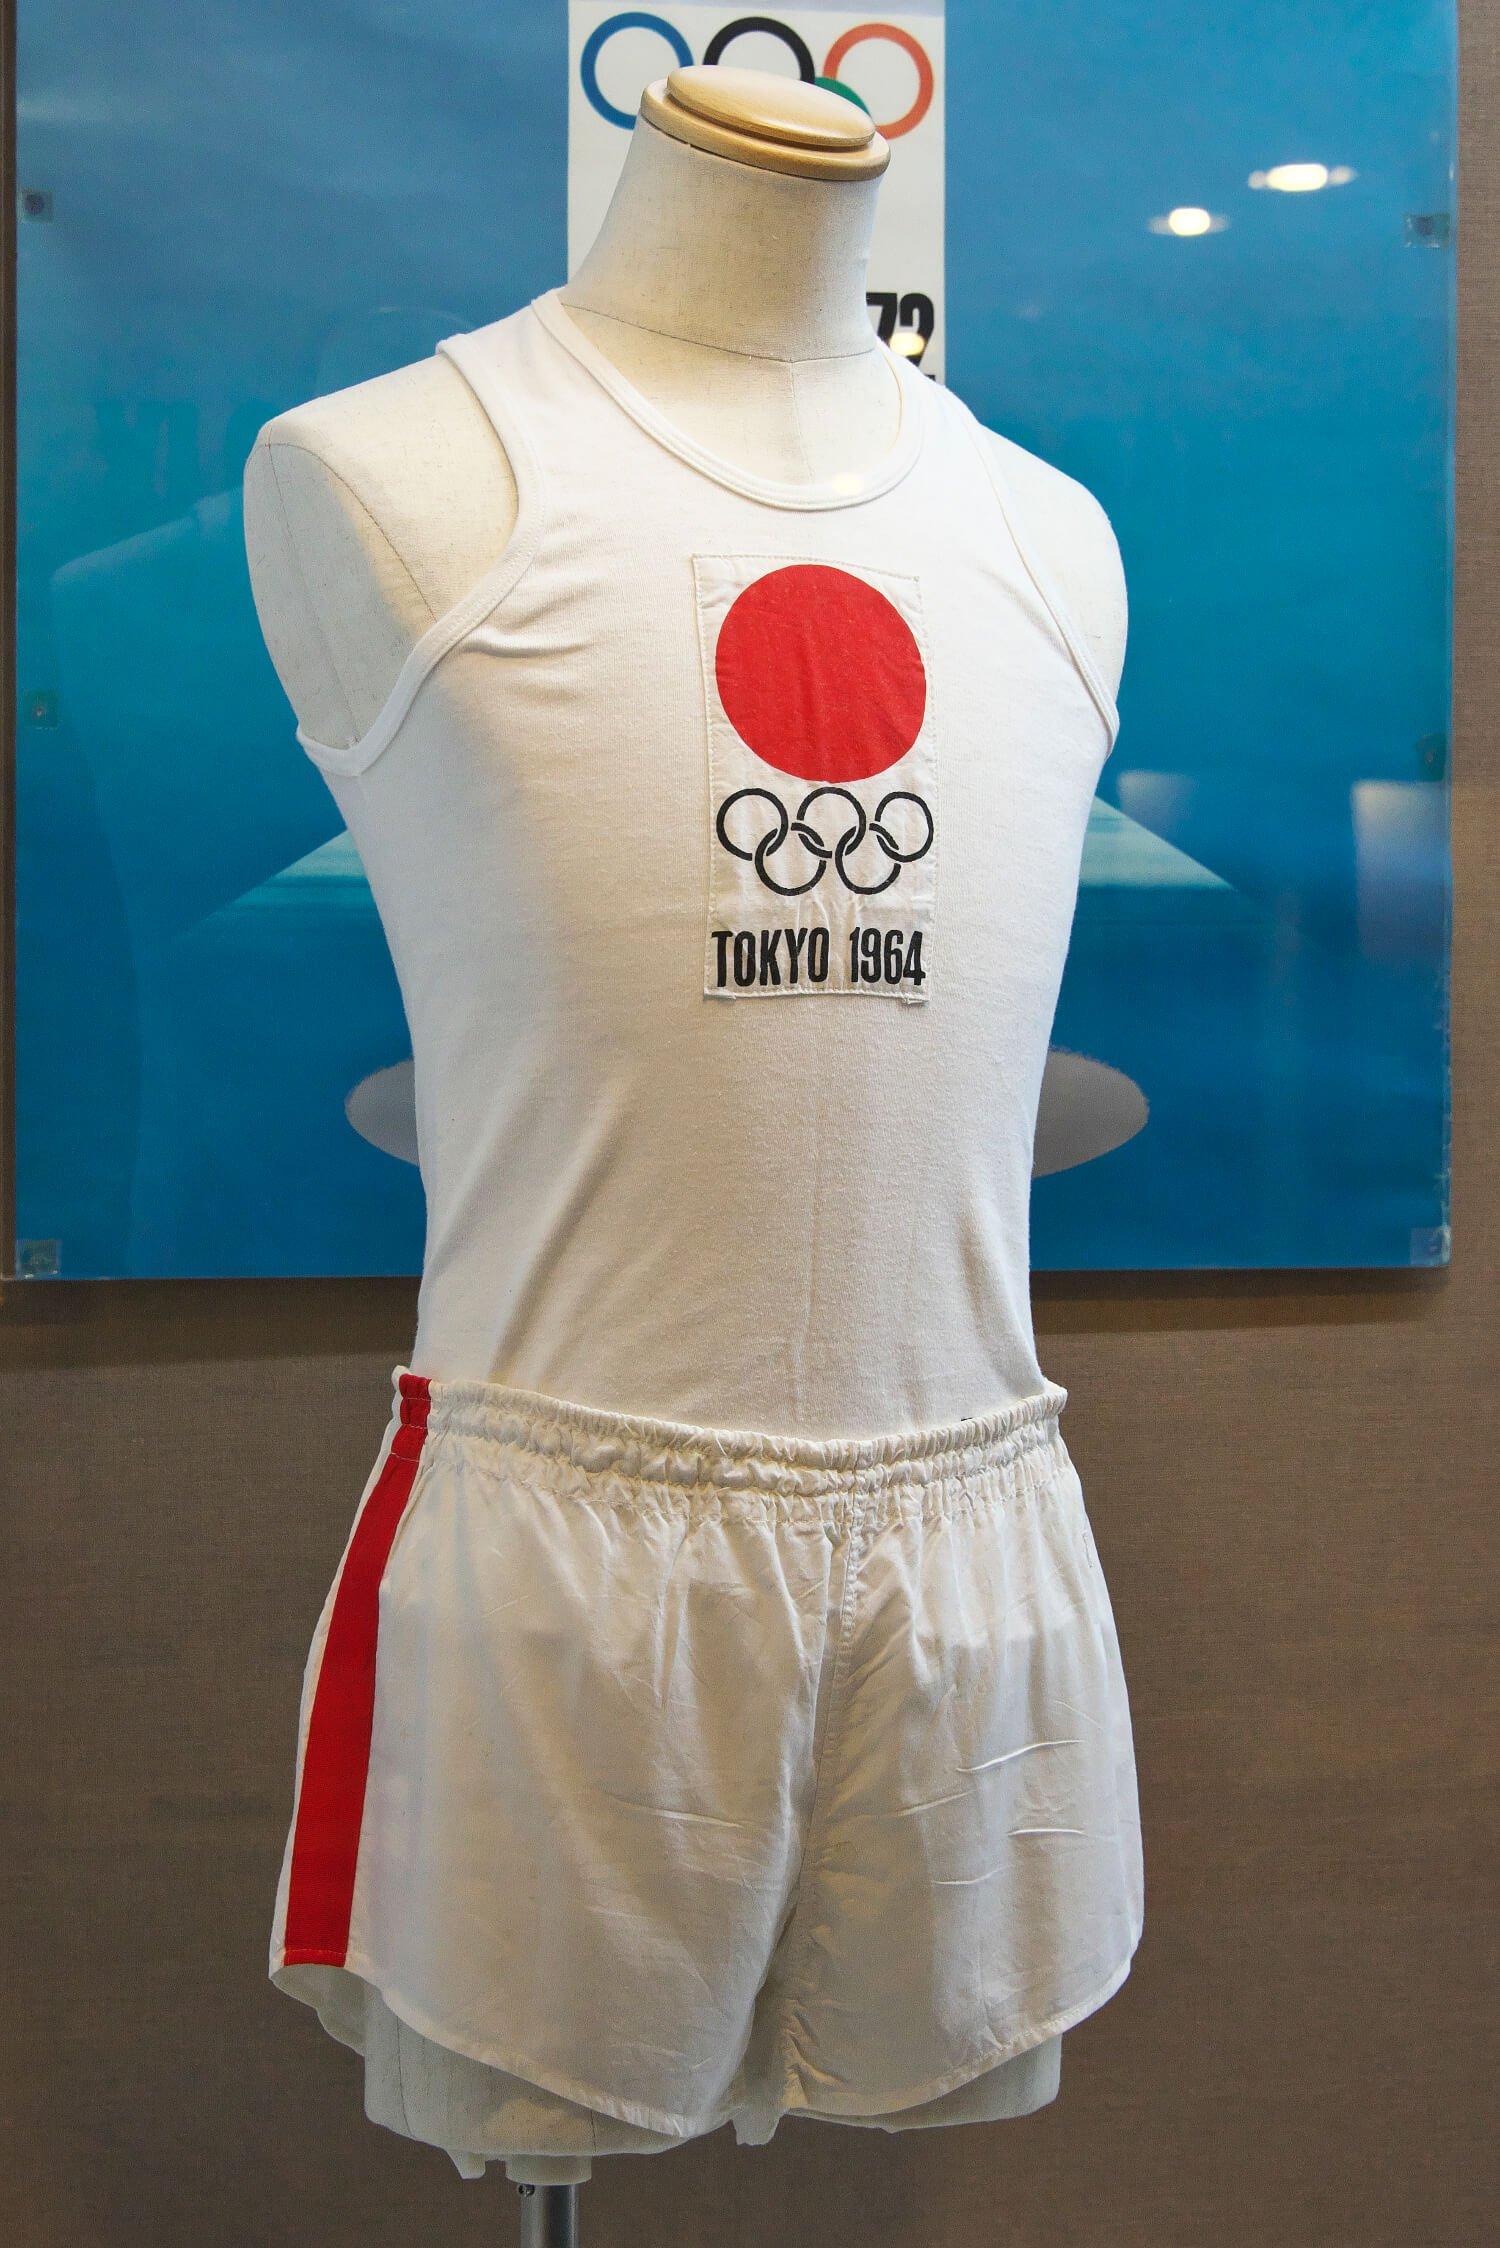 井上さんが本番で着たランニングと短パン。練馬区立中村南スポーツ交流センターに展示。